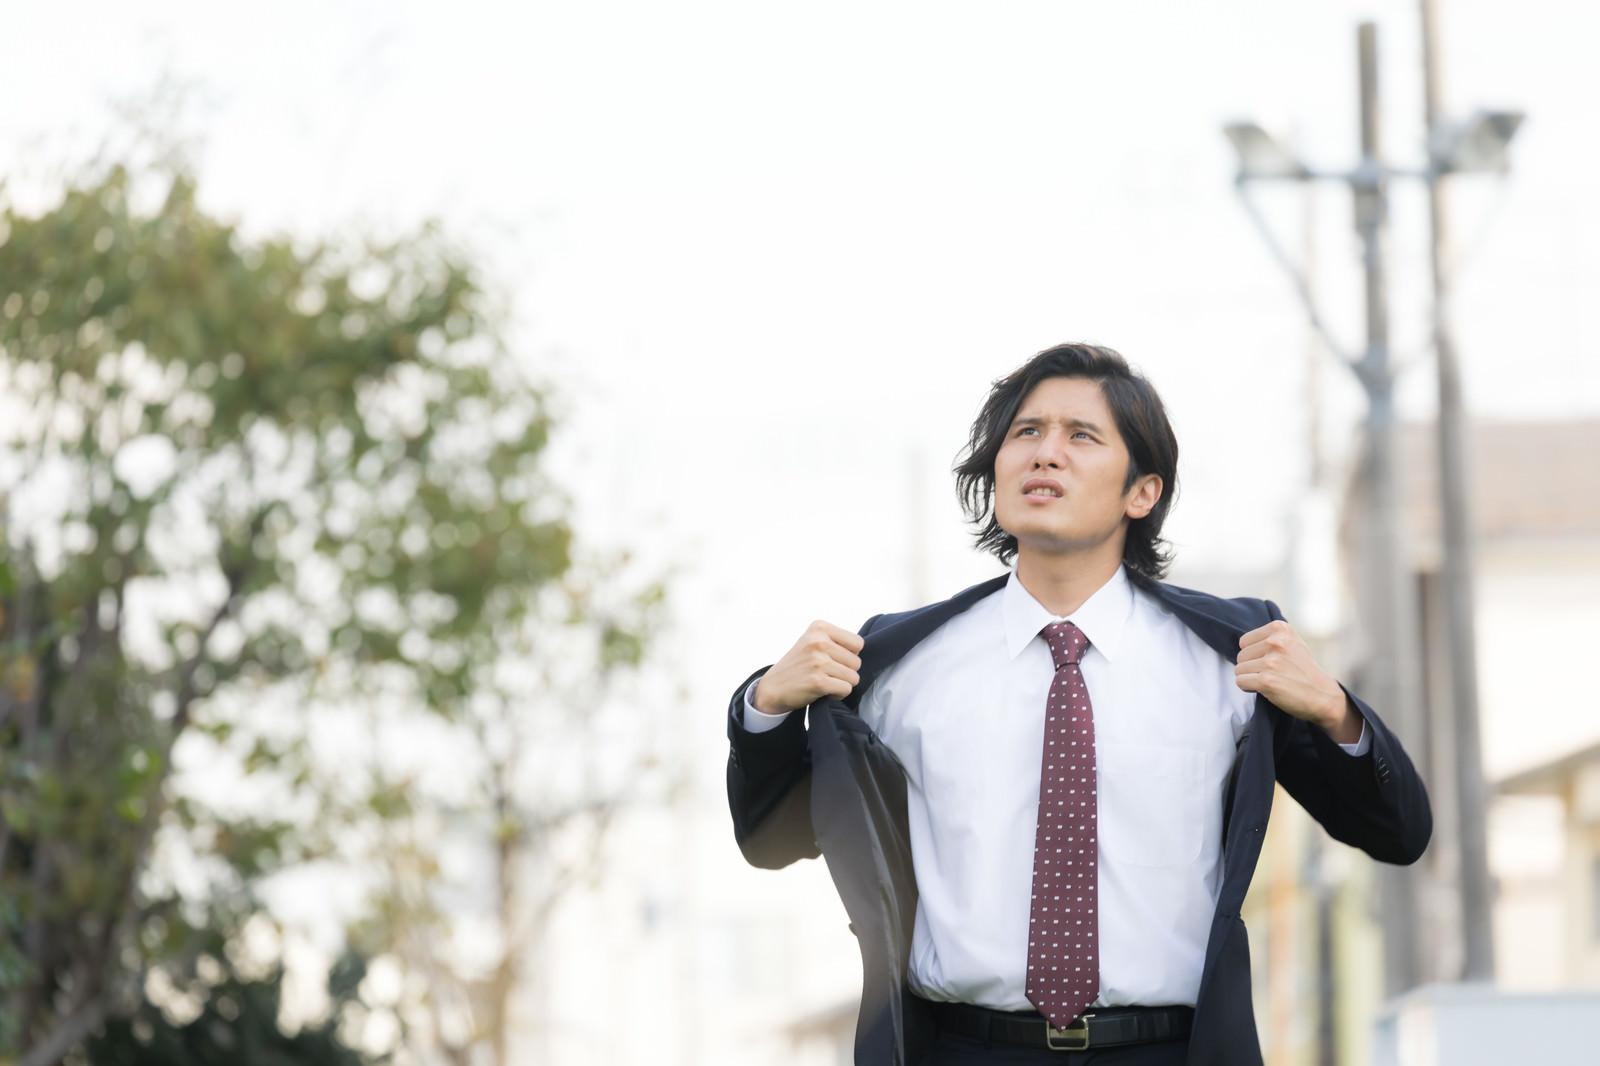 「熱くても脱げないスーツ男性熱くても脱げないスーツ男性」[モデル:竹田匡宏]のフリー写真素材を拡大